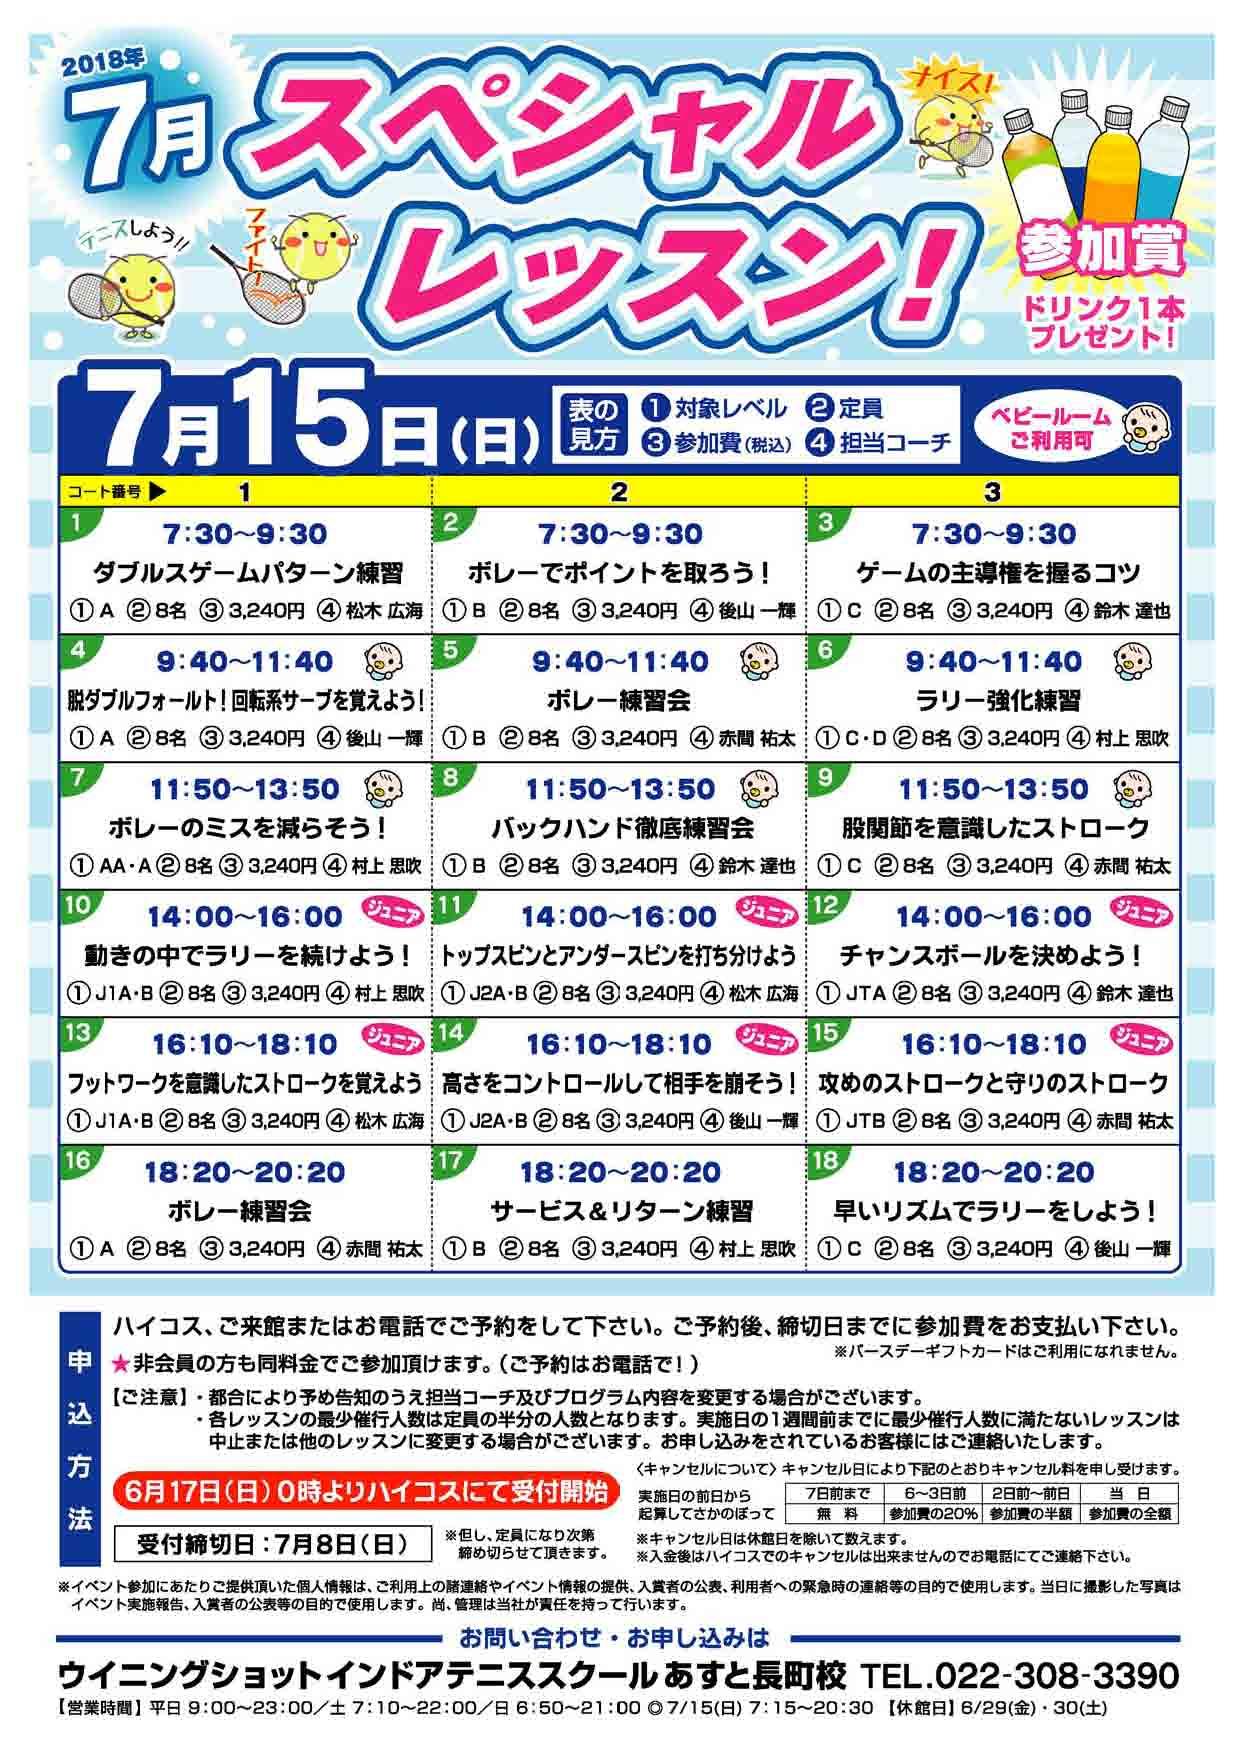 【7/15開催】7月スペシャルレッスン!